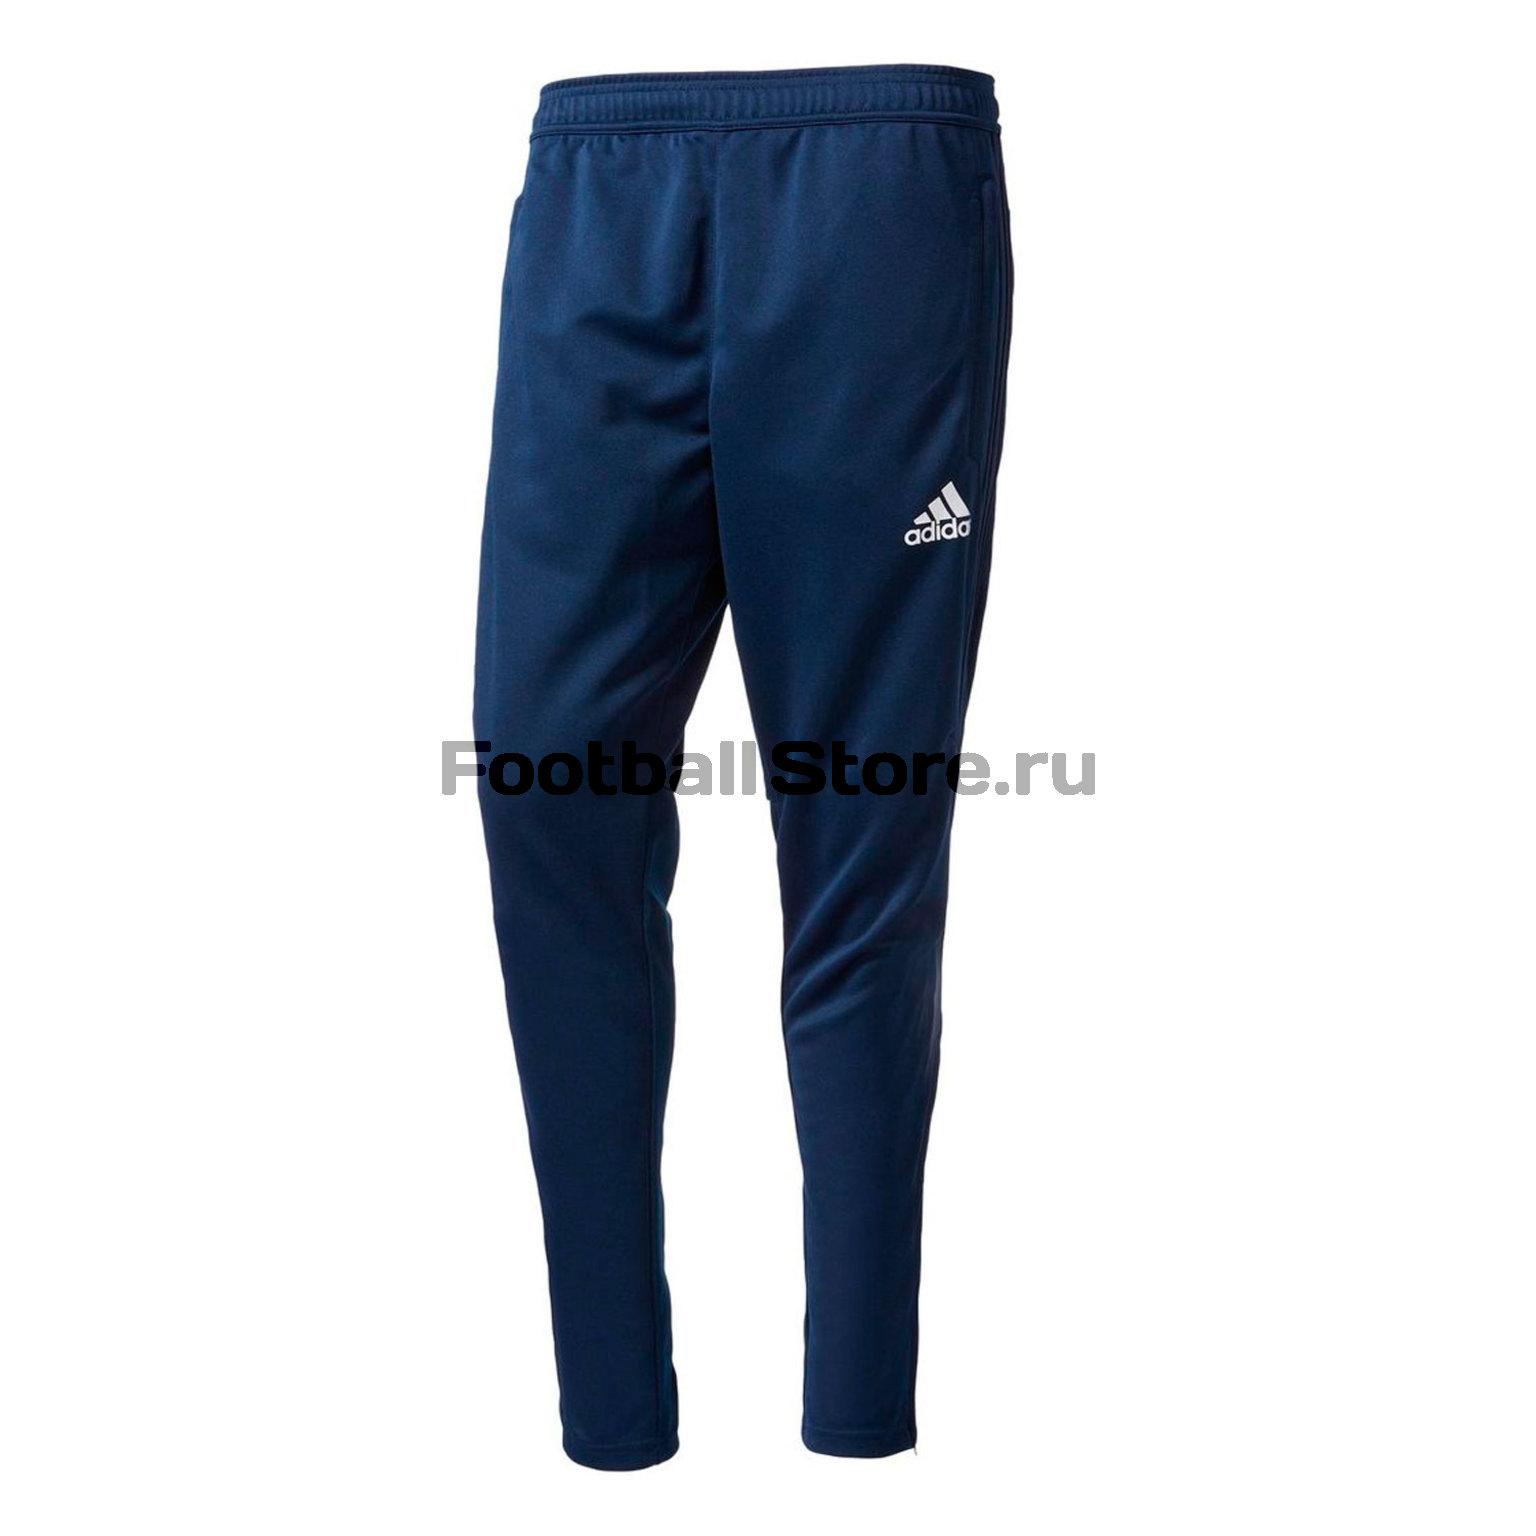 Брюки тренировочные Adidas Tiro17 Pes Pnt BQ2619 брюки adidas брюки тренировочные adidas tiro17 swt pnt ay2960